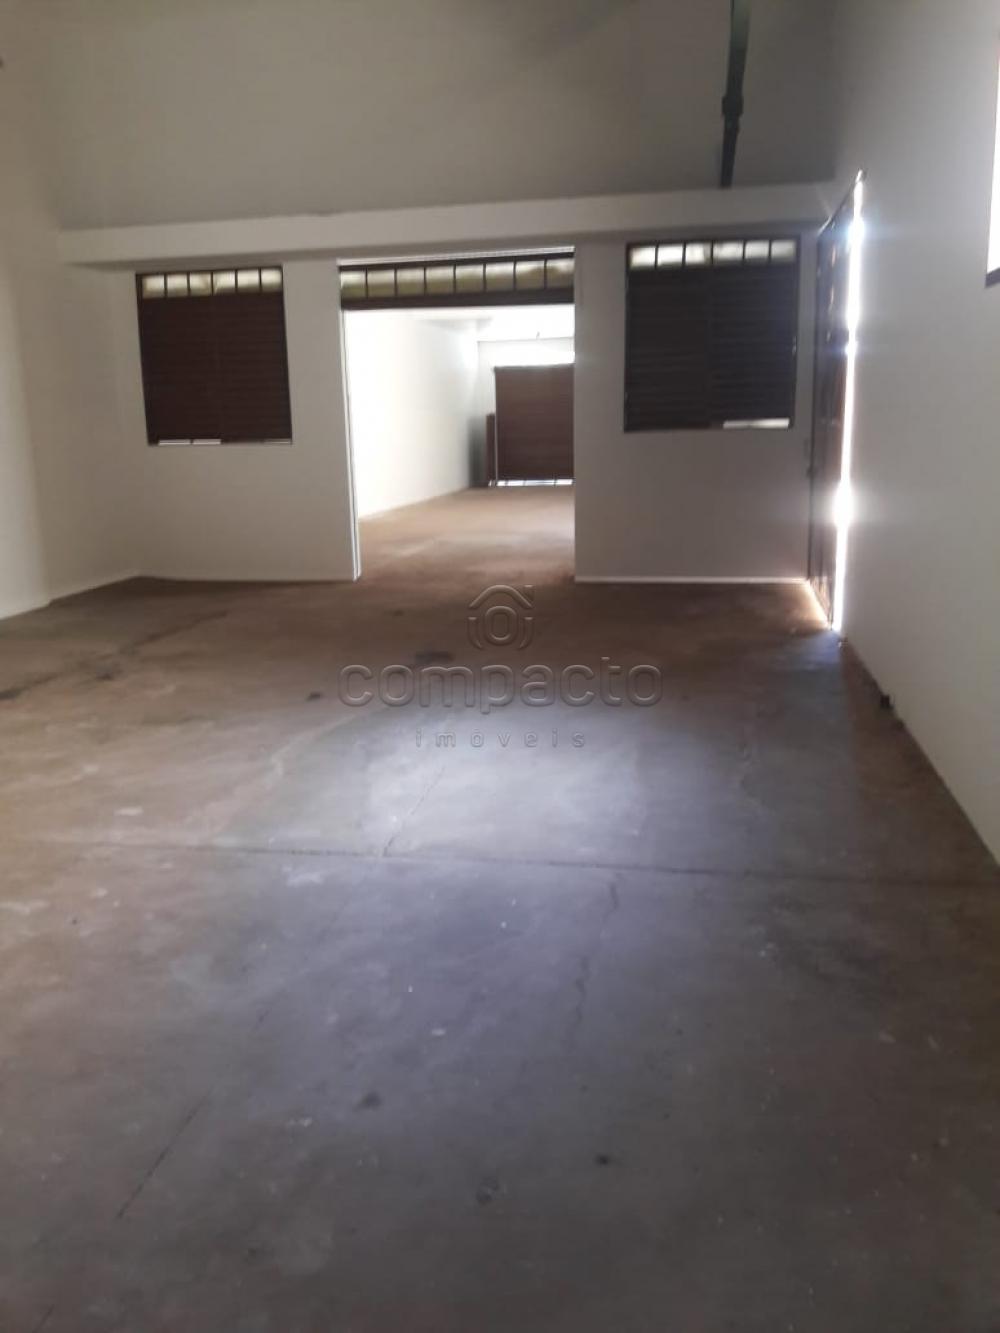 Alugar Comercial / Barracão em São José do Rio Preto apenas R$ 5.900,00 - Foto 13